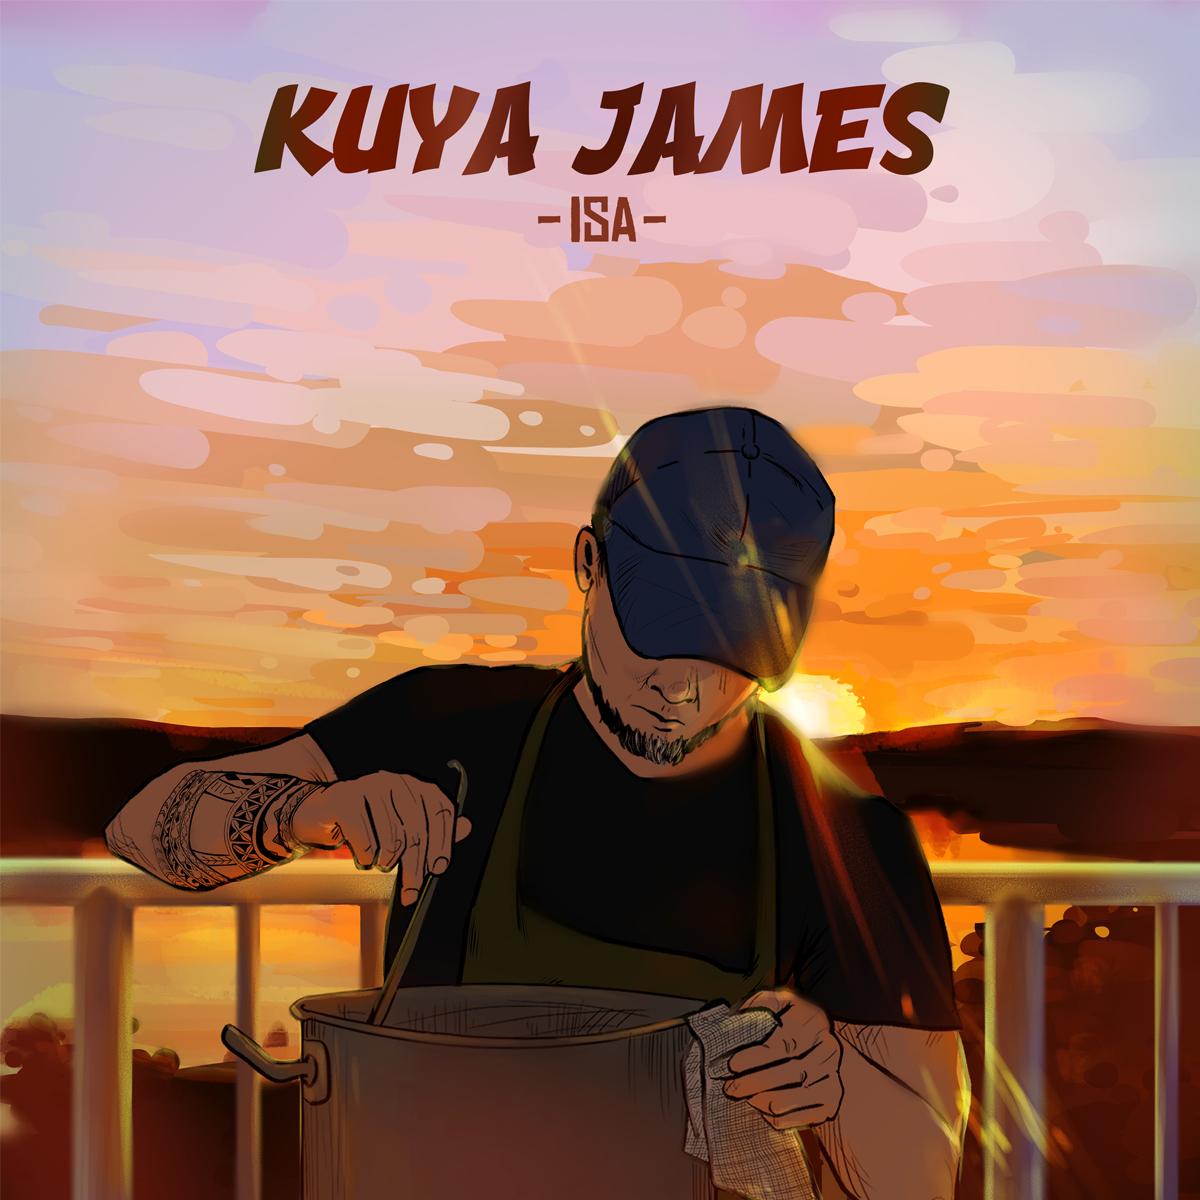 Kuya James Isa album art